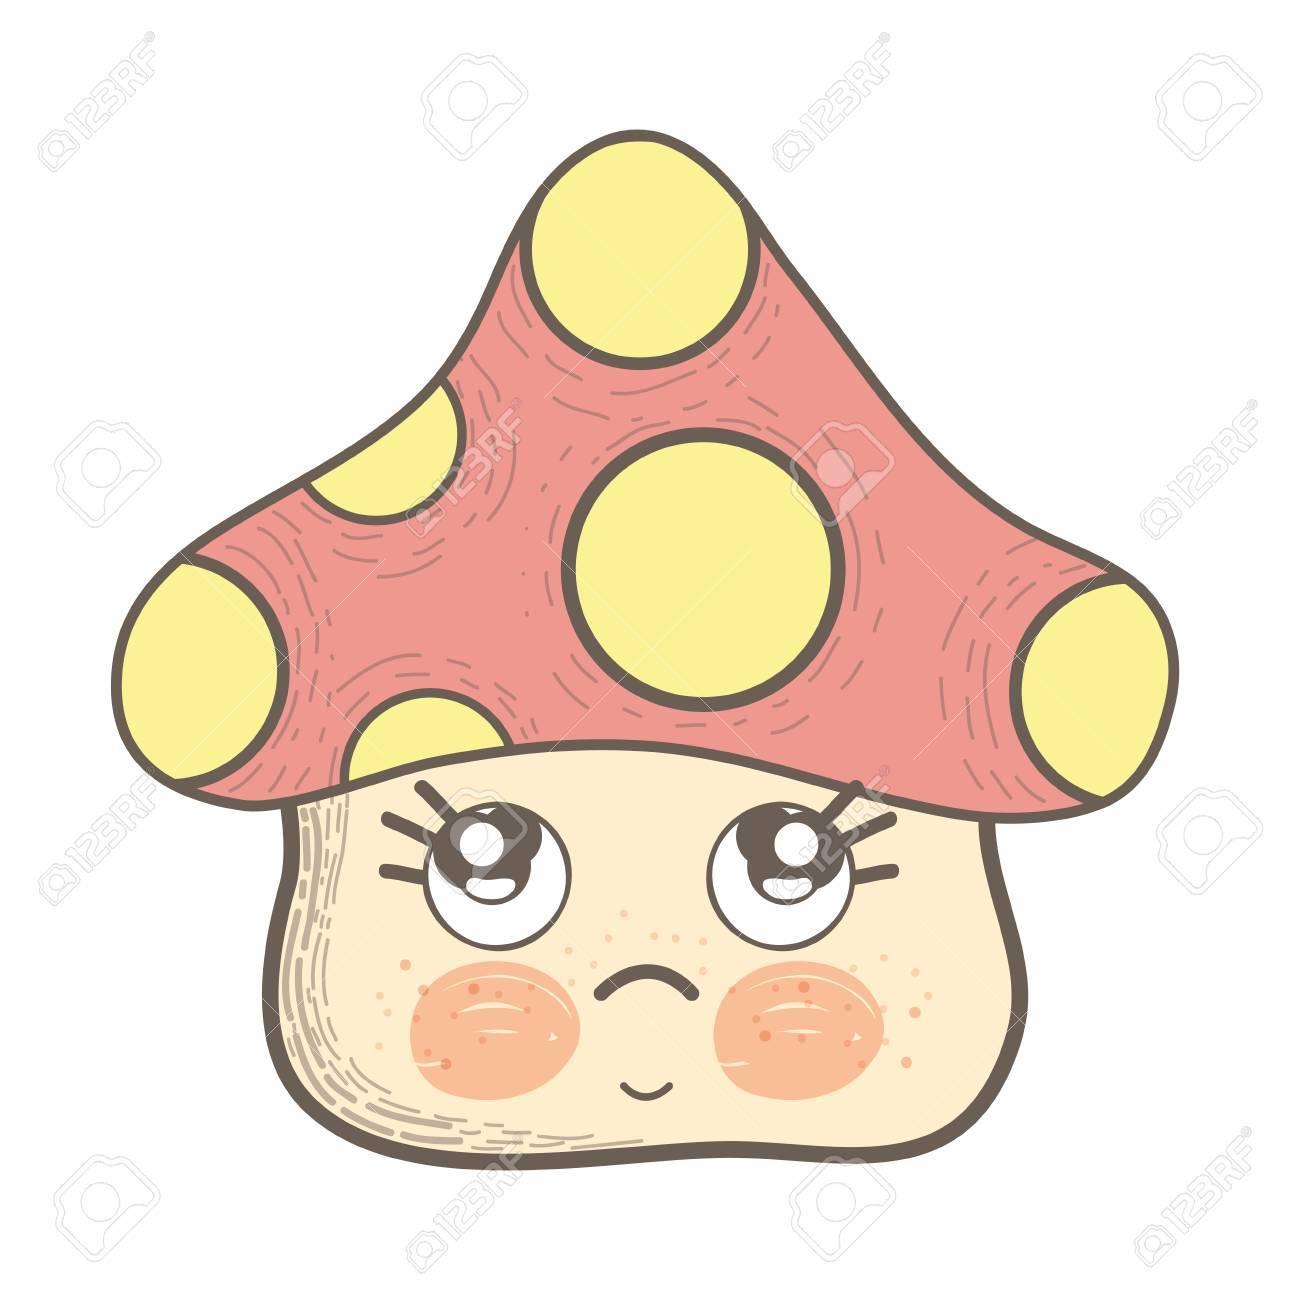 かわいい菌悲しいかわいい頬と目のイラストのイラスト素材ベクタ